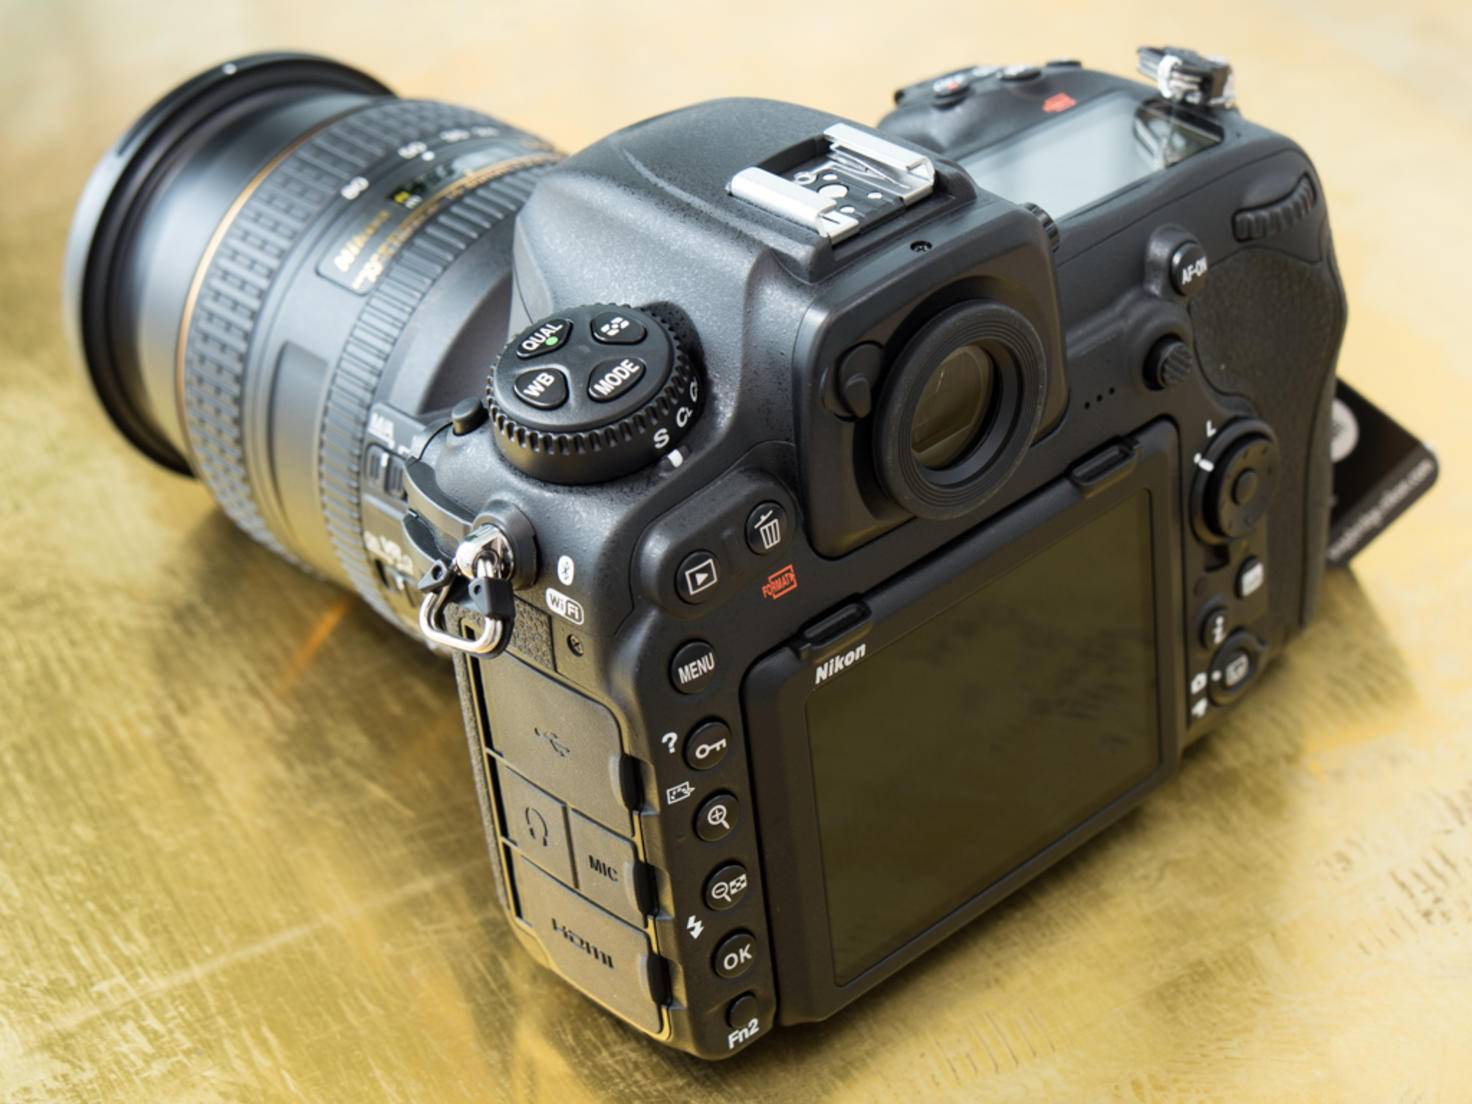 ... Spiegelreflexkameras und hat ein großes Display ...